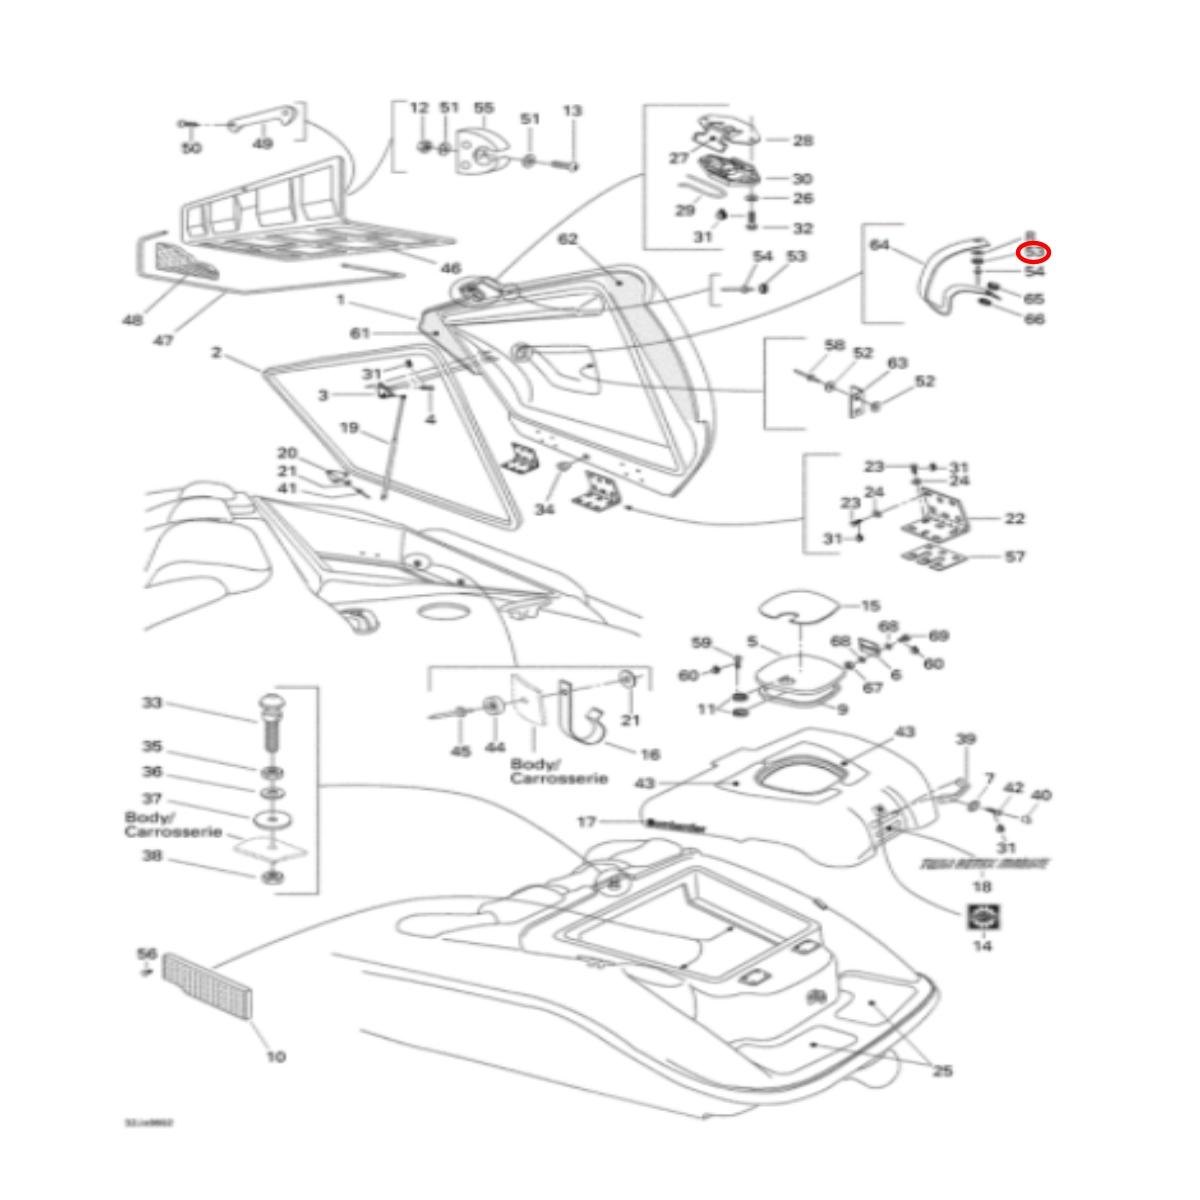 Capa para Arrebite Jet Ski Sea Doo Challenger  - Radical Peças - Peças para Jet Ski